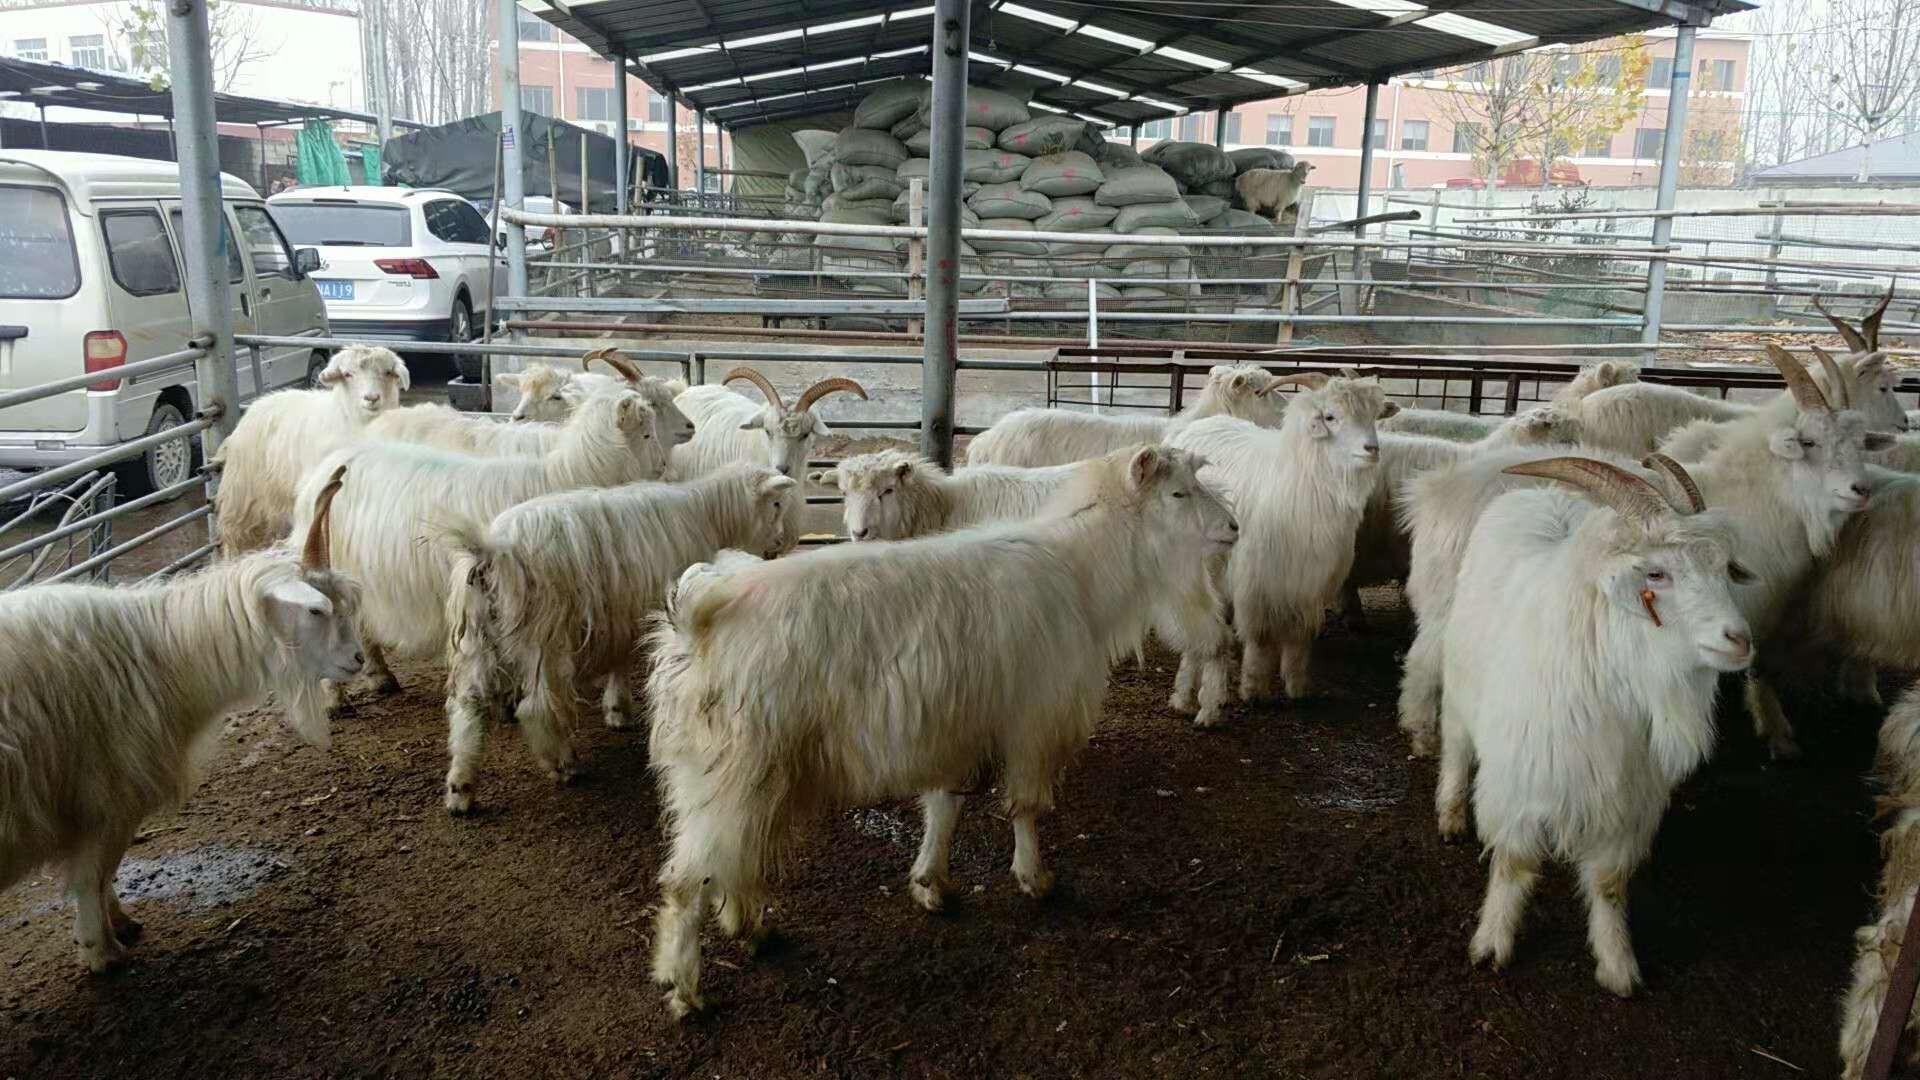 专业养殖绒山羊,绒山羊肉驴厂家直销,绒山羊批发,绒山羊价格示例图2